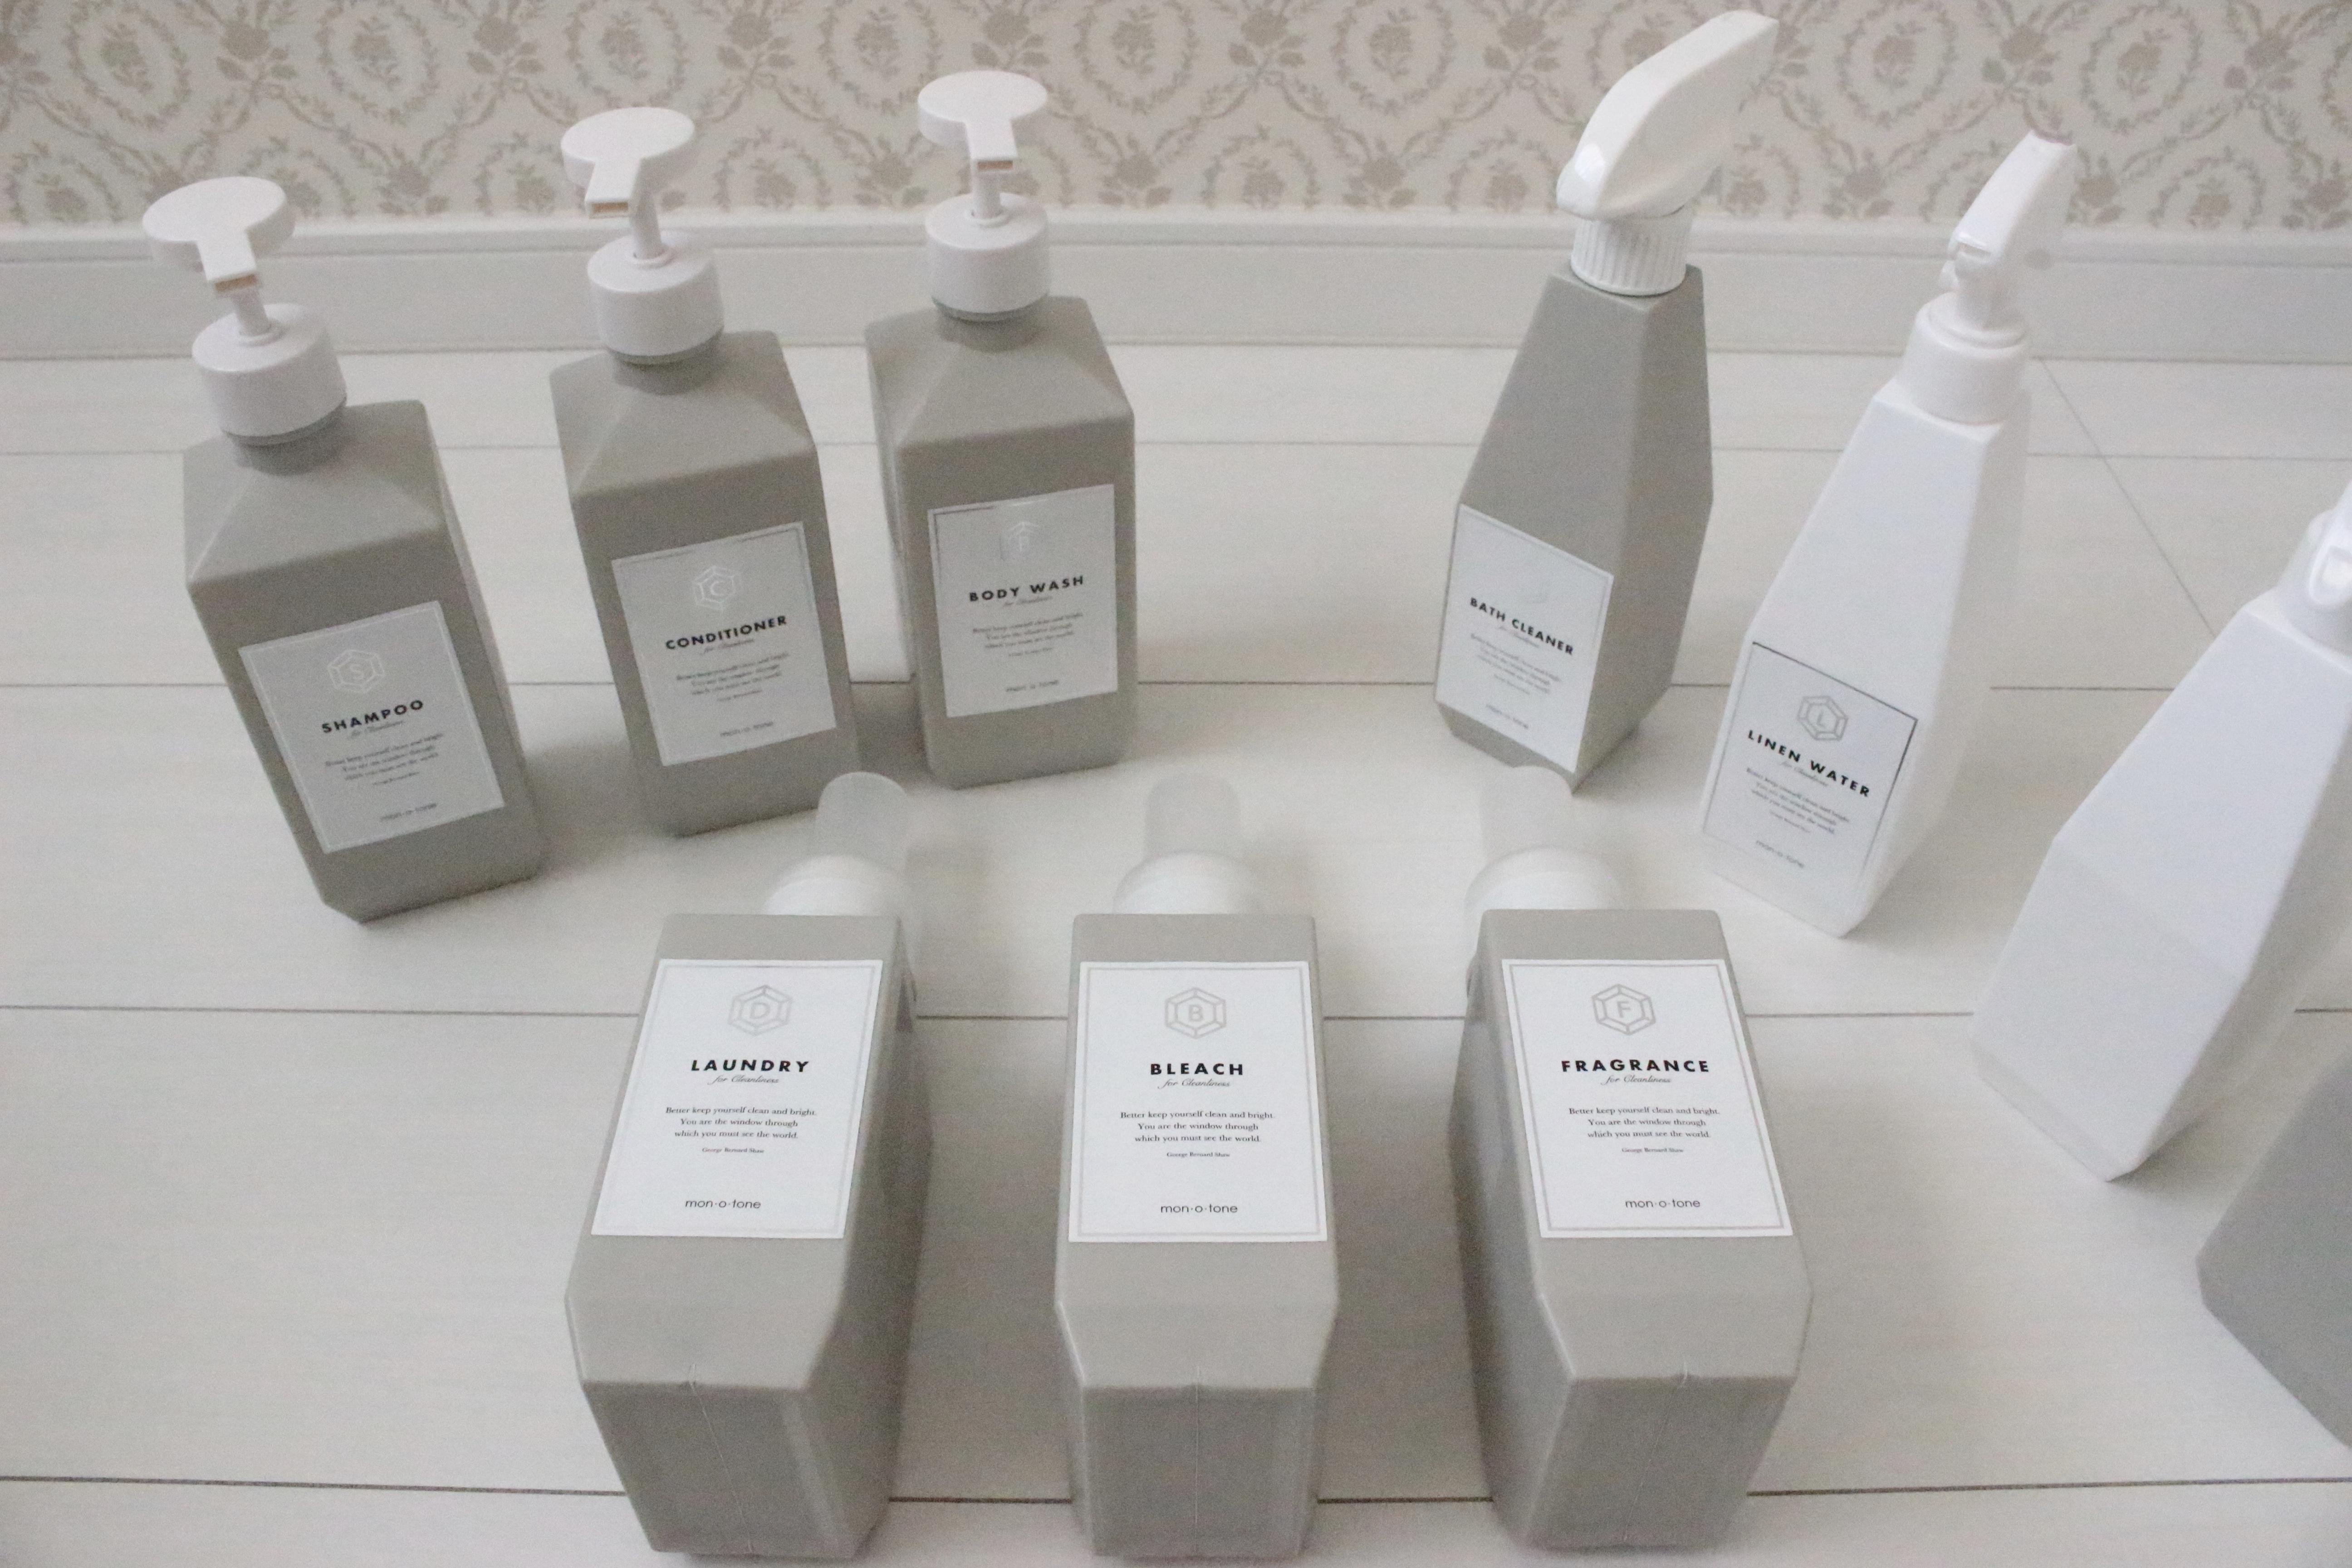 《詰め替え用ボトル》おしゃれな洗剤&シャンプーボトル&モノトーンラベルの組み合わせ*